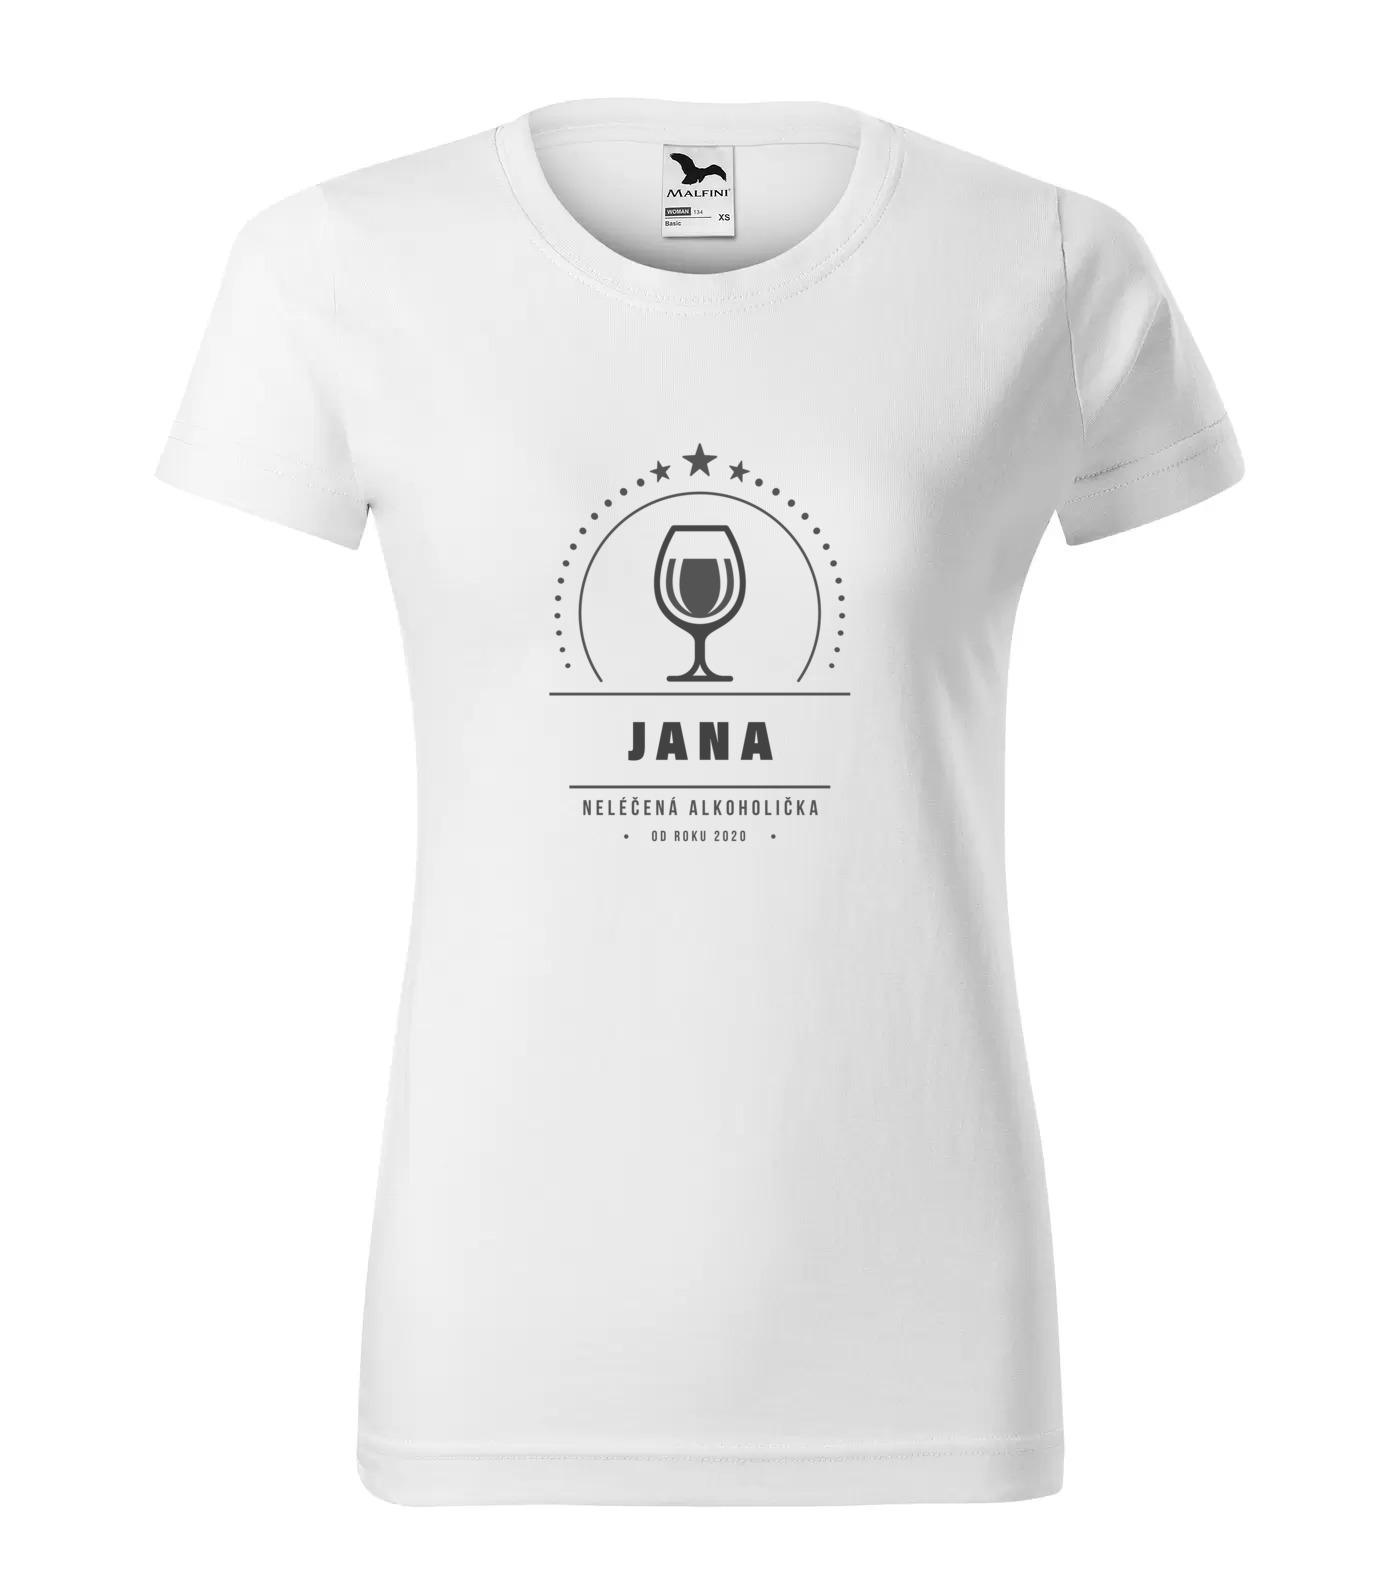 Tričko Alkoholička Jana